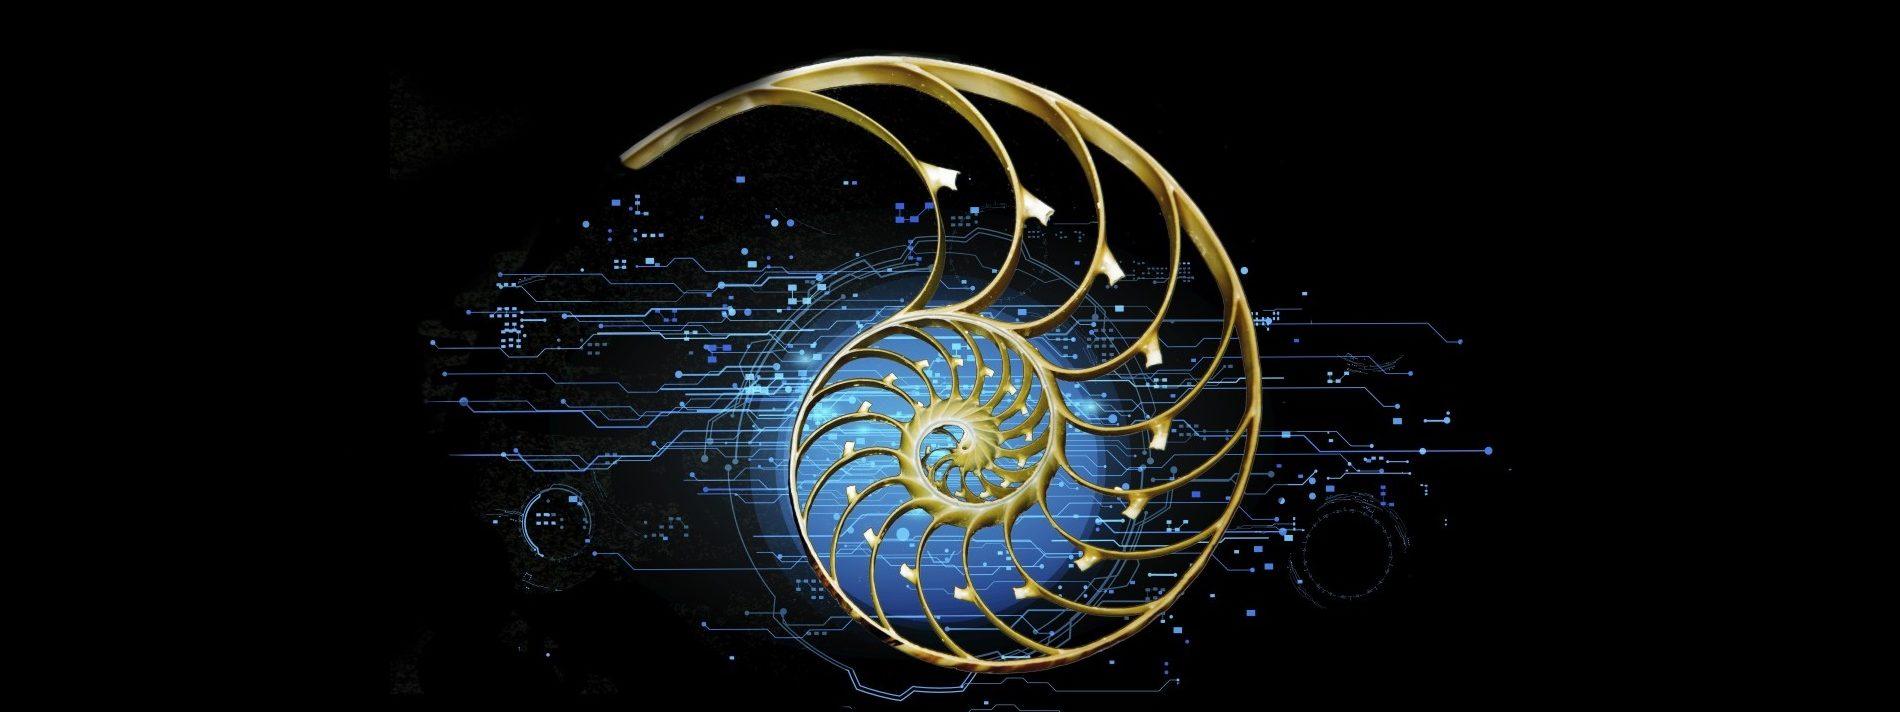 Nachhaltigkeit durch intelligente Verknüpfung biologischer Prinzipien, Organismen und Komponenten mit technischen Systemen.